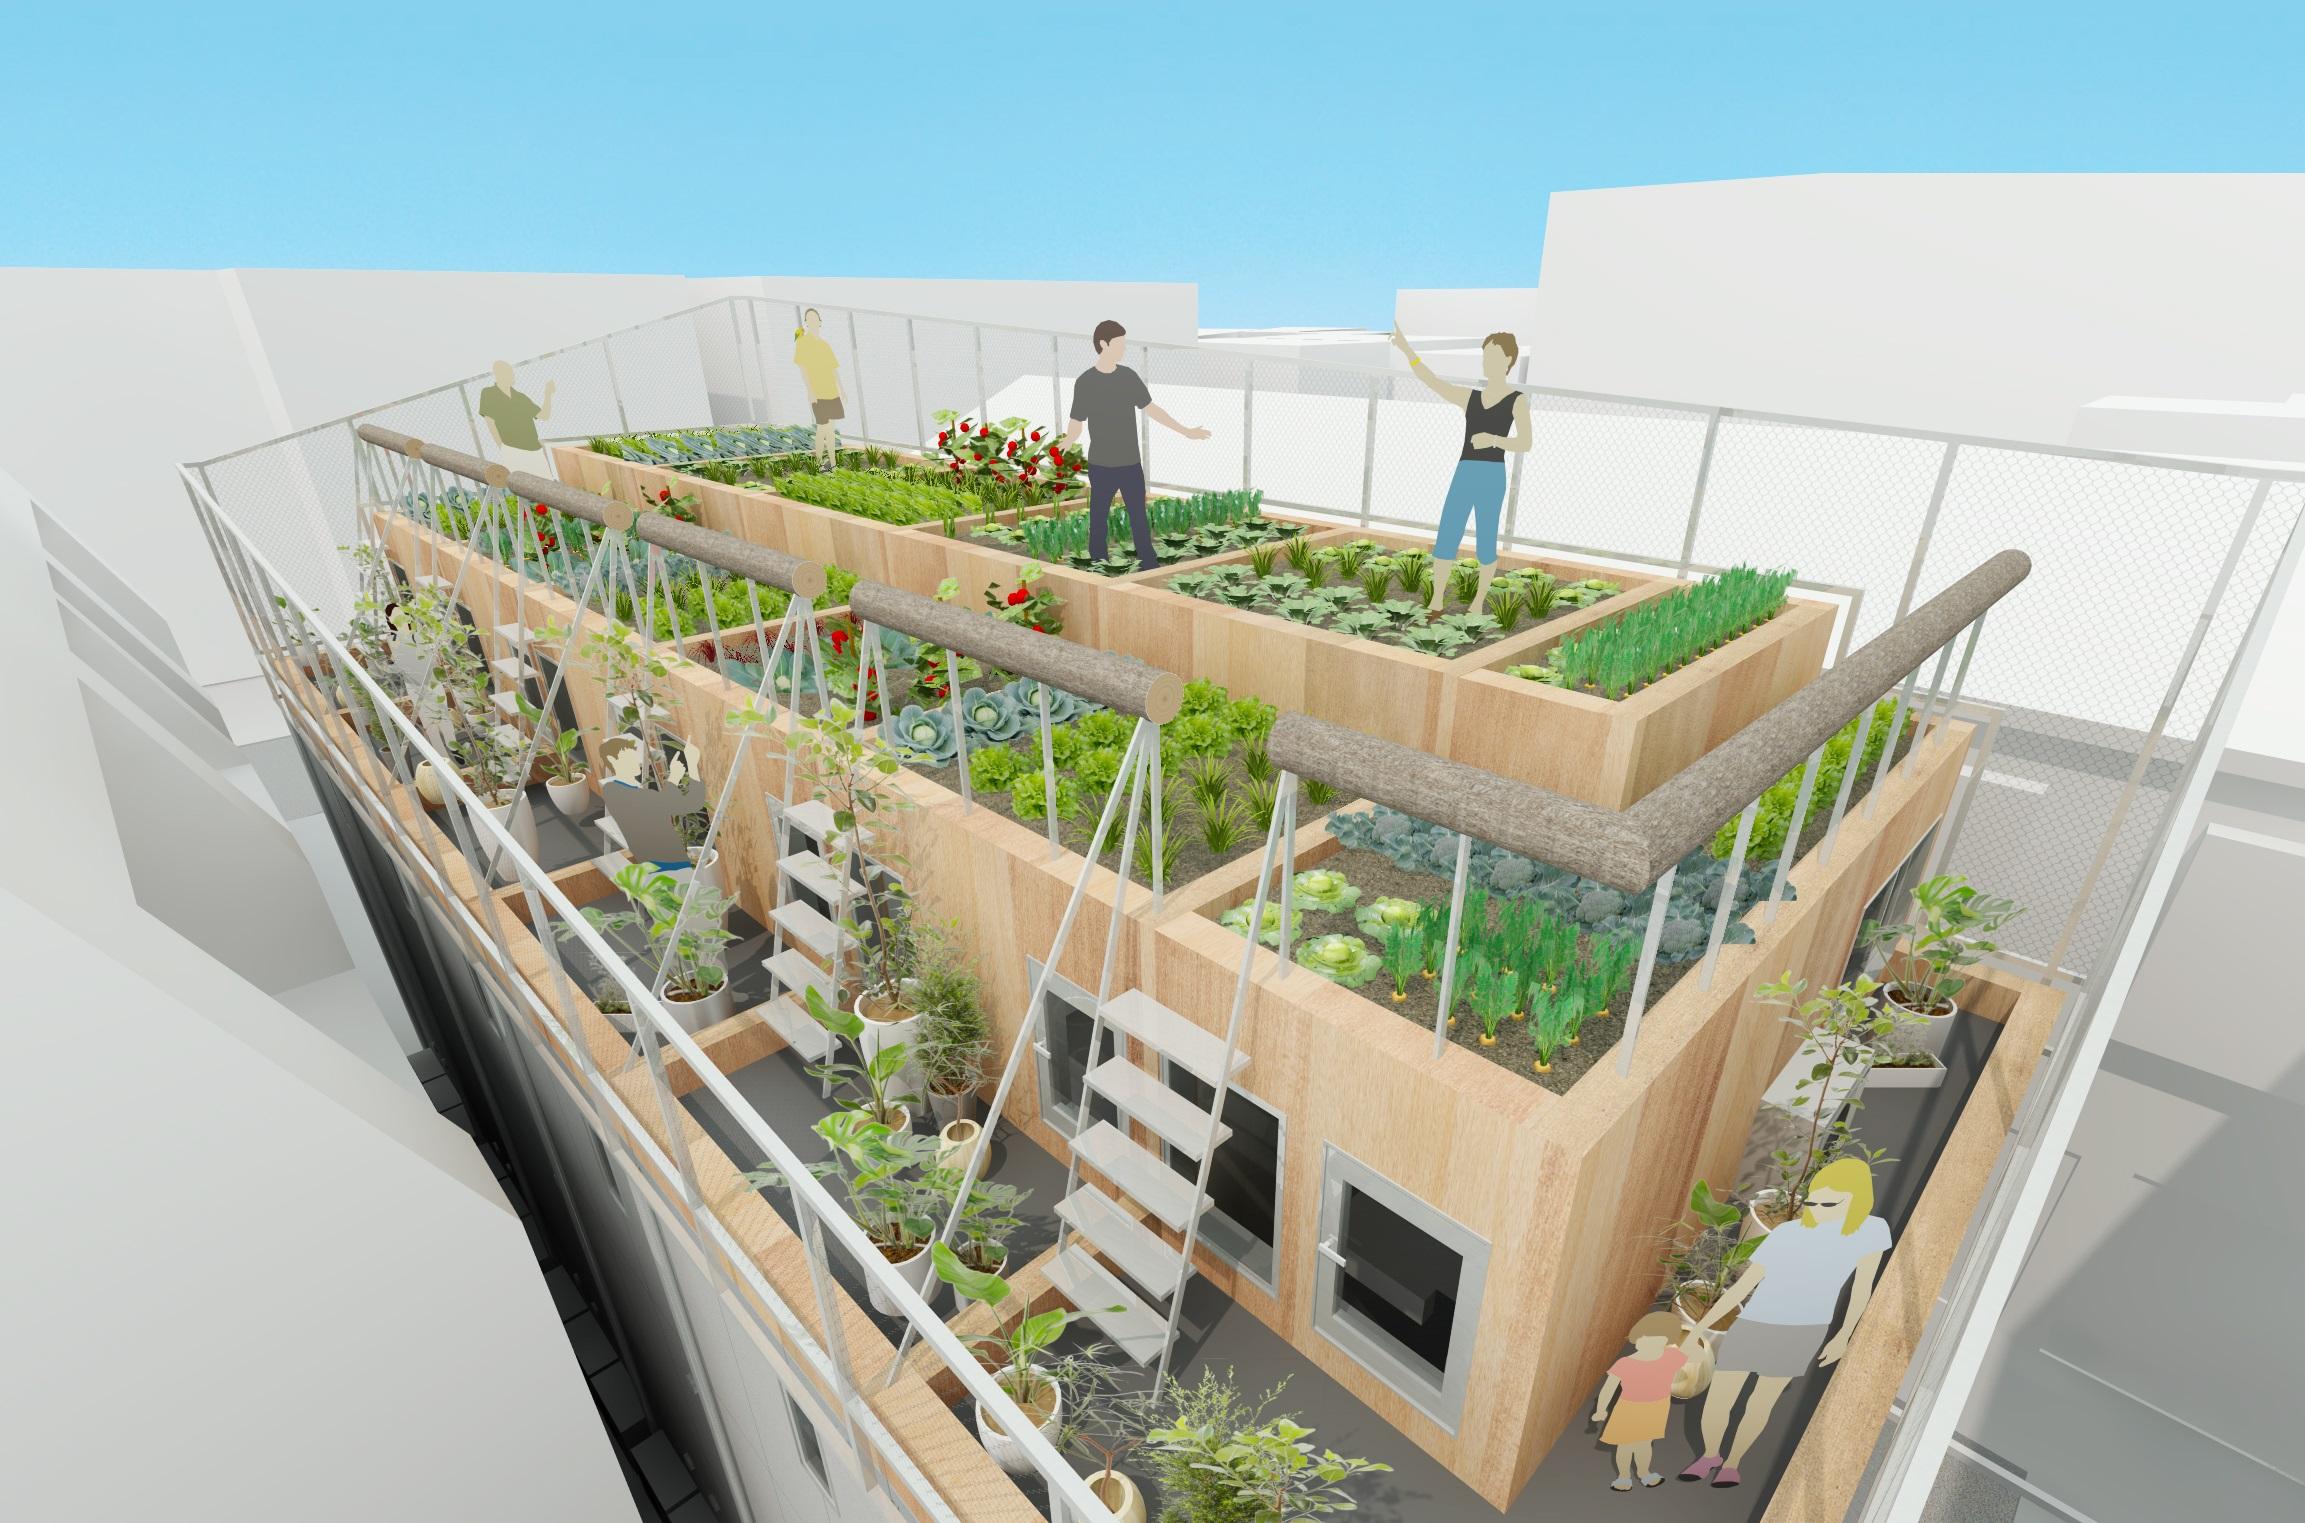 アーキテクト・エージェンシーが大田区東六郷に「菜園長屋」をプロデュース 。